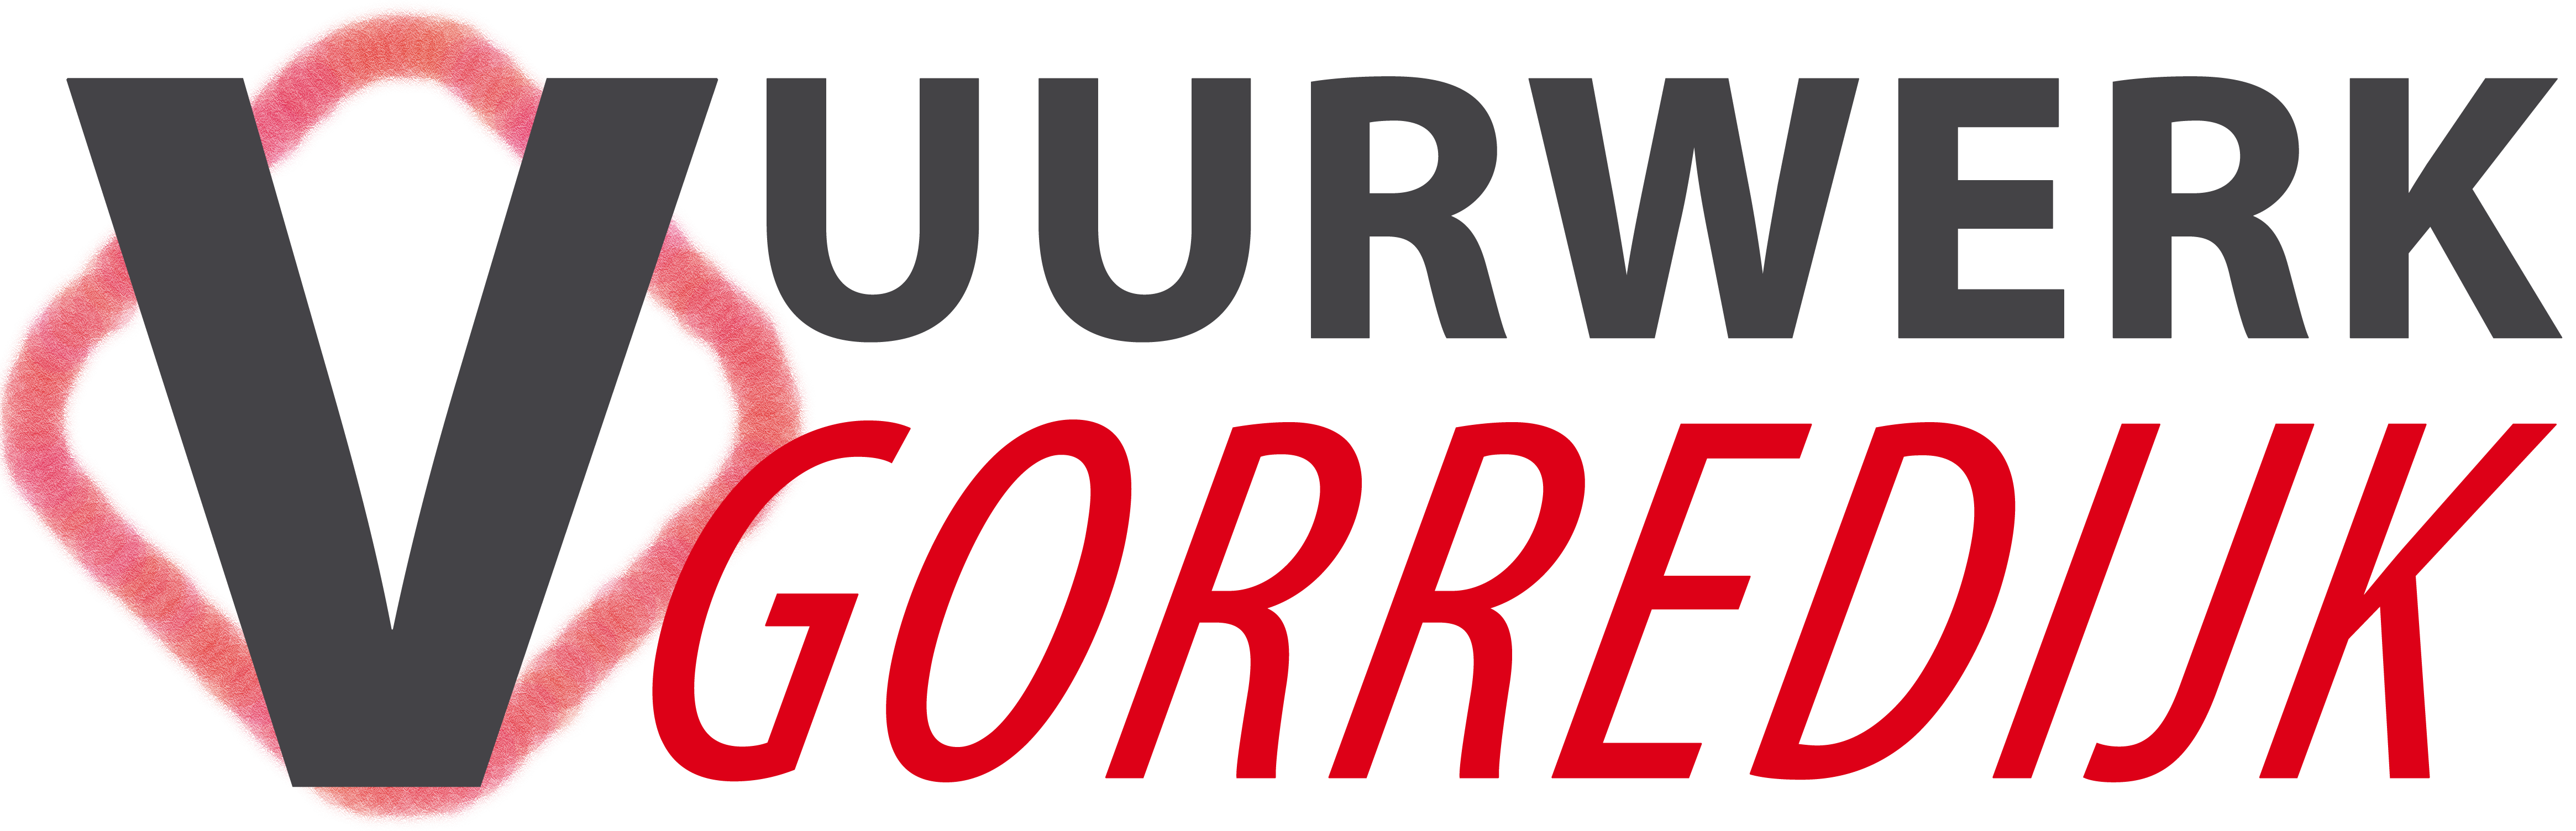 Vuurwerk Gorredijk